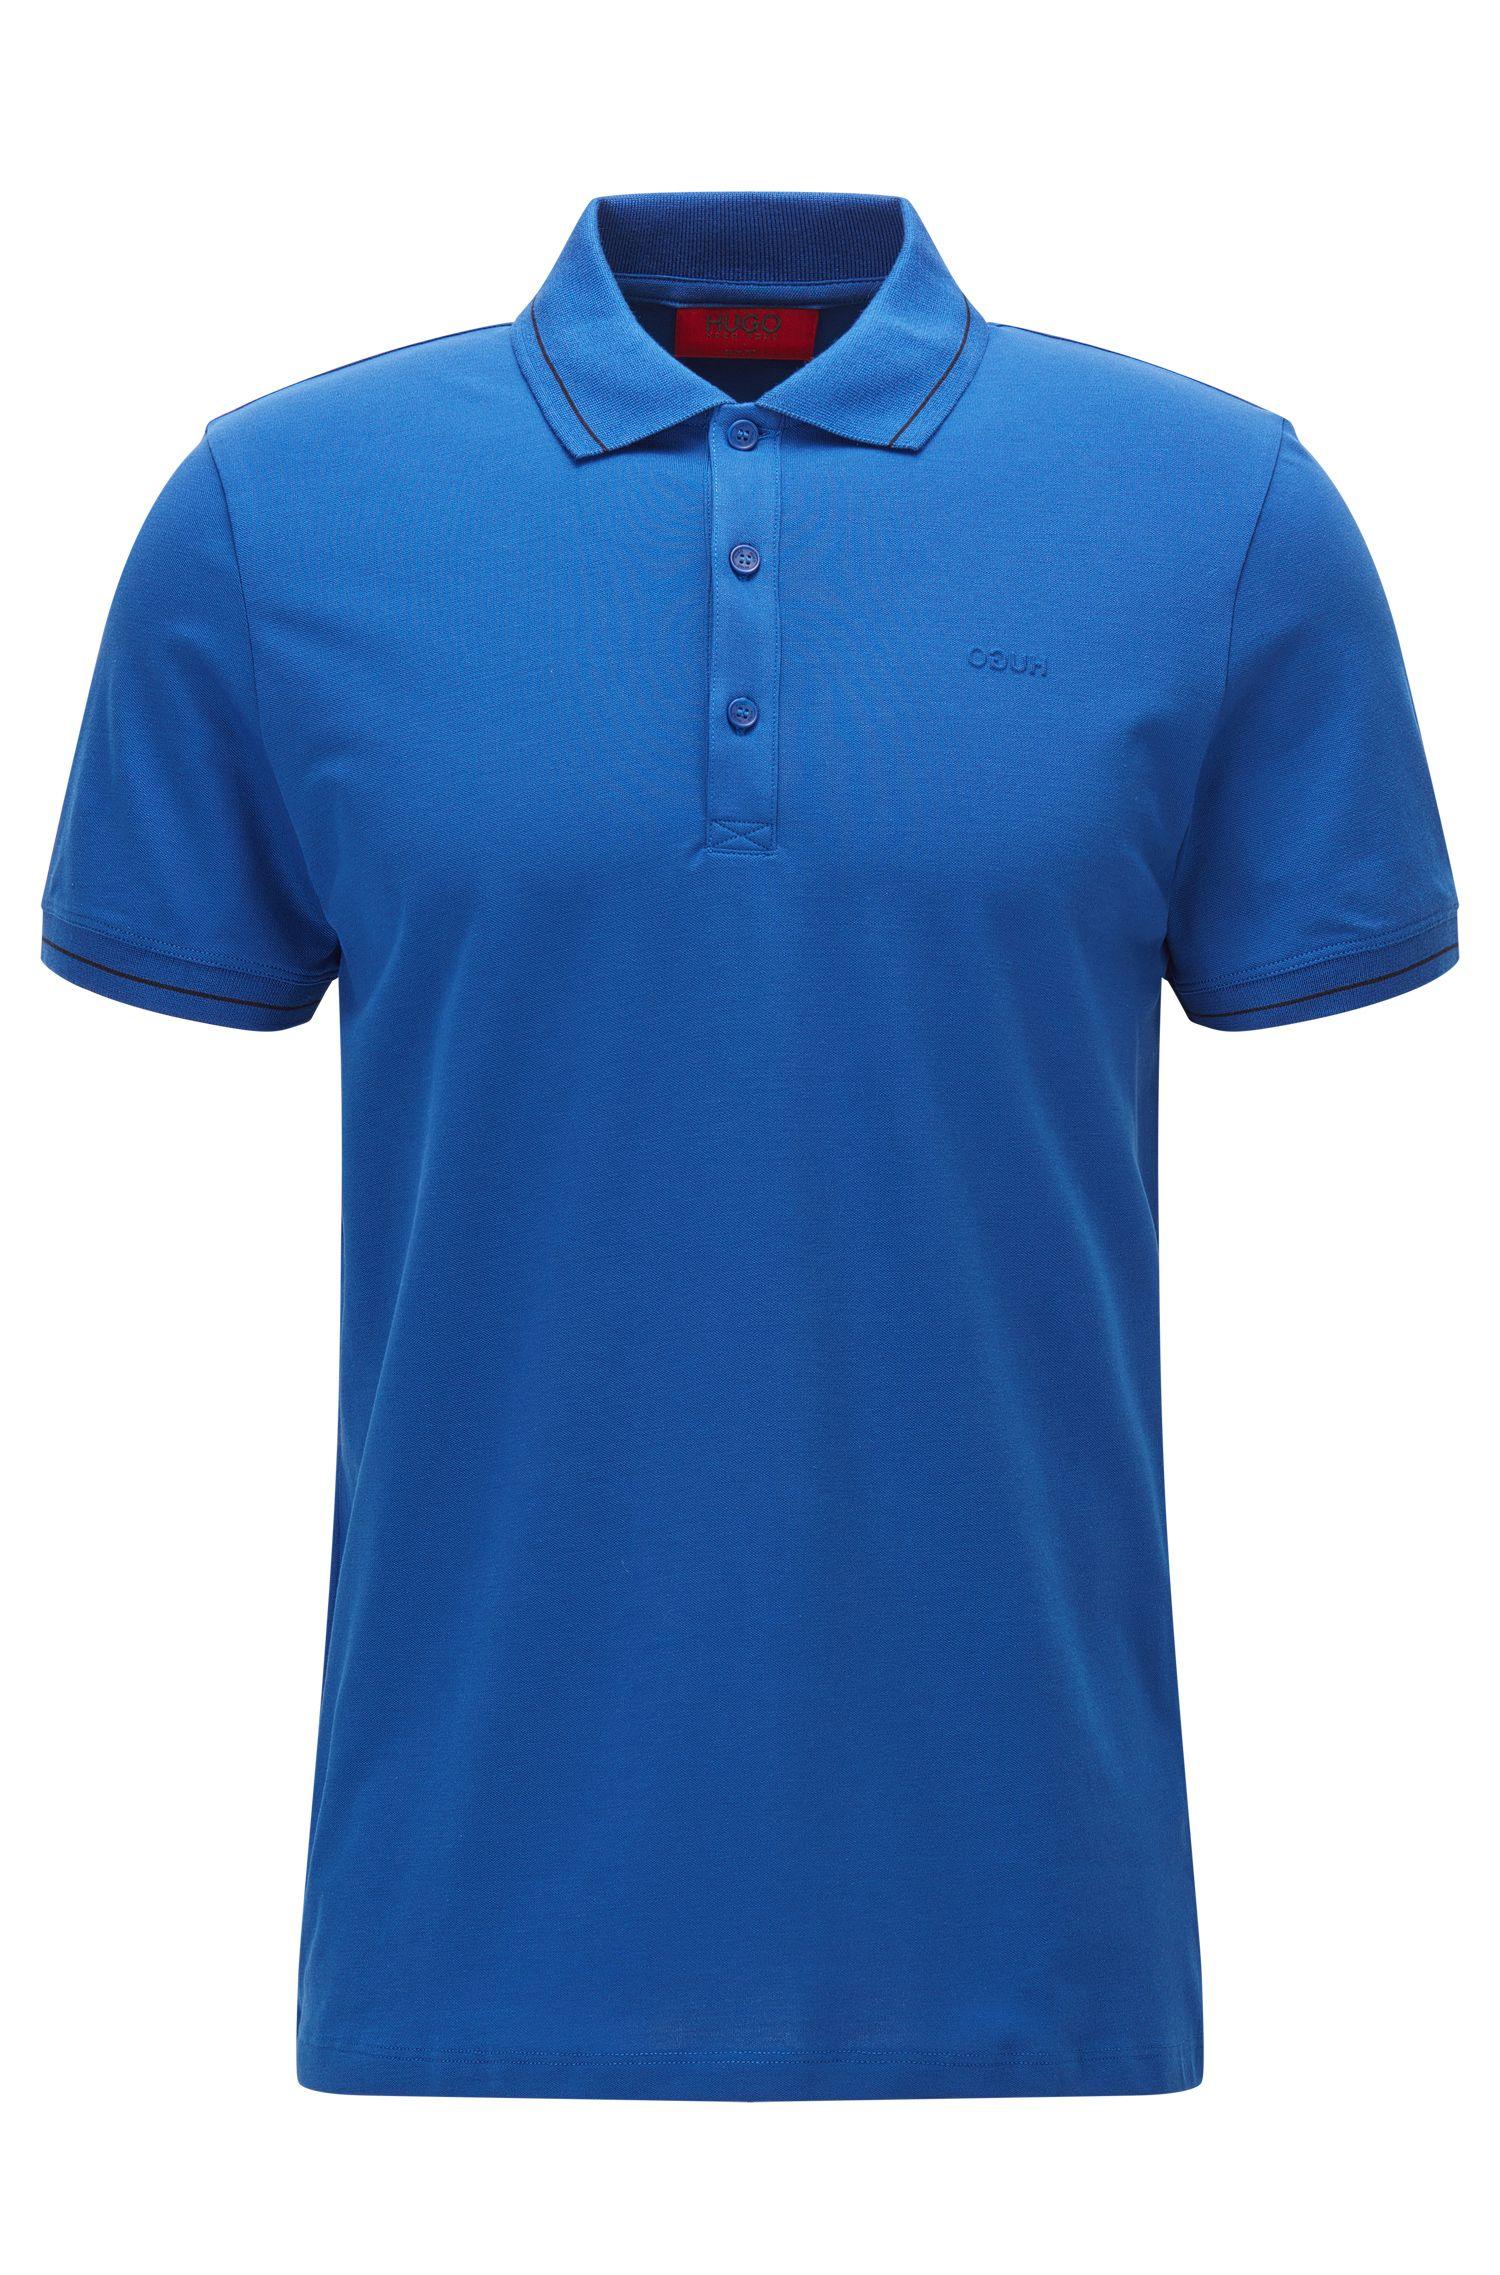 Slim-Fit Poloshirt aus leichtem Baumwoll-Mix mit Elasthan